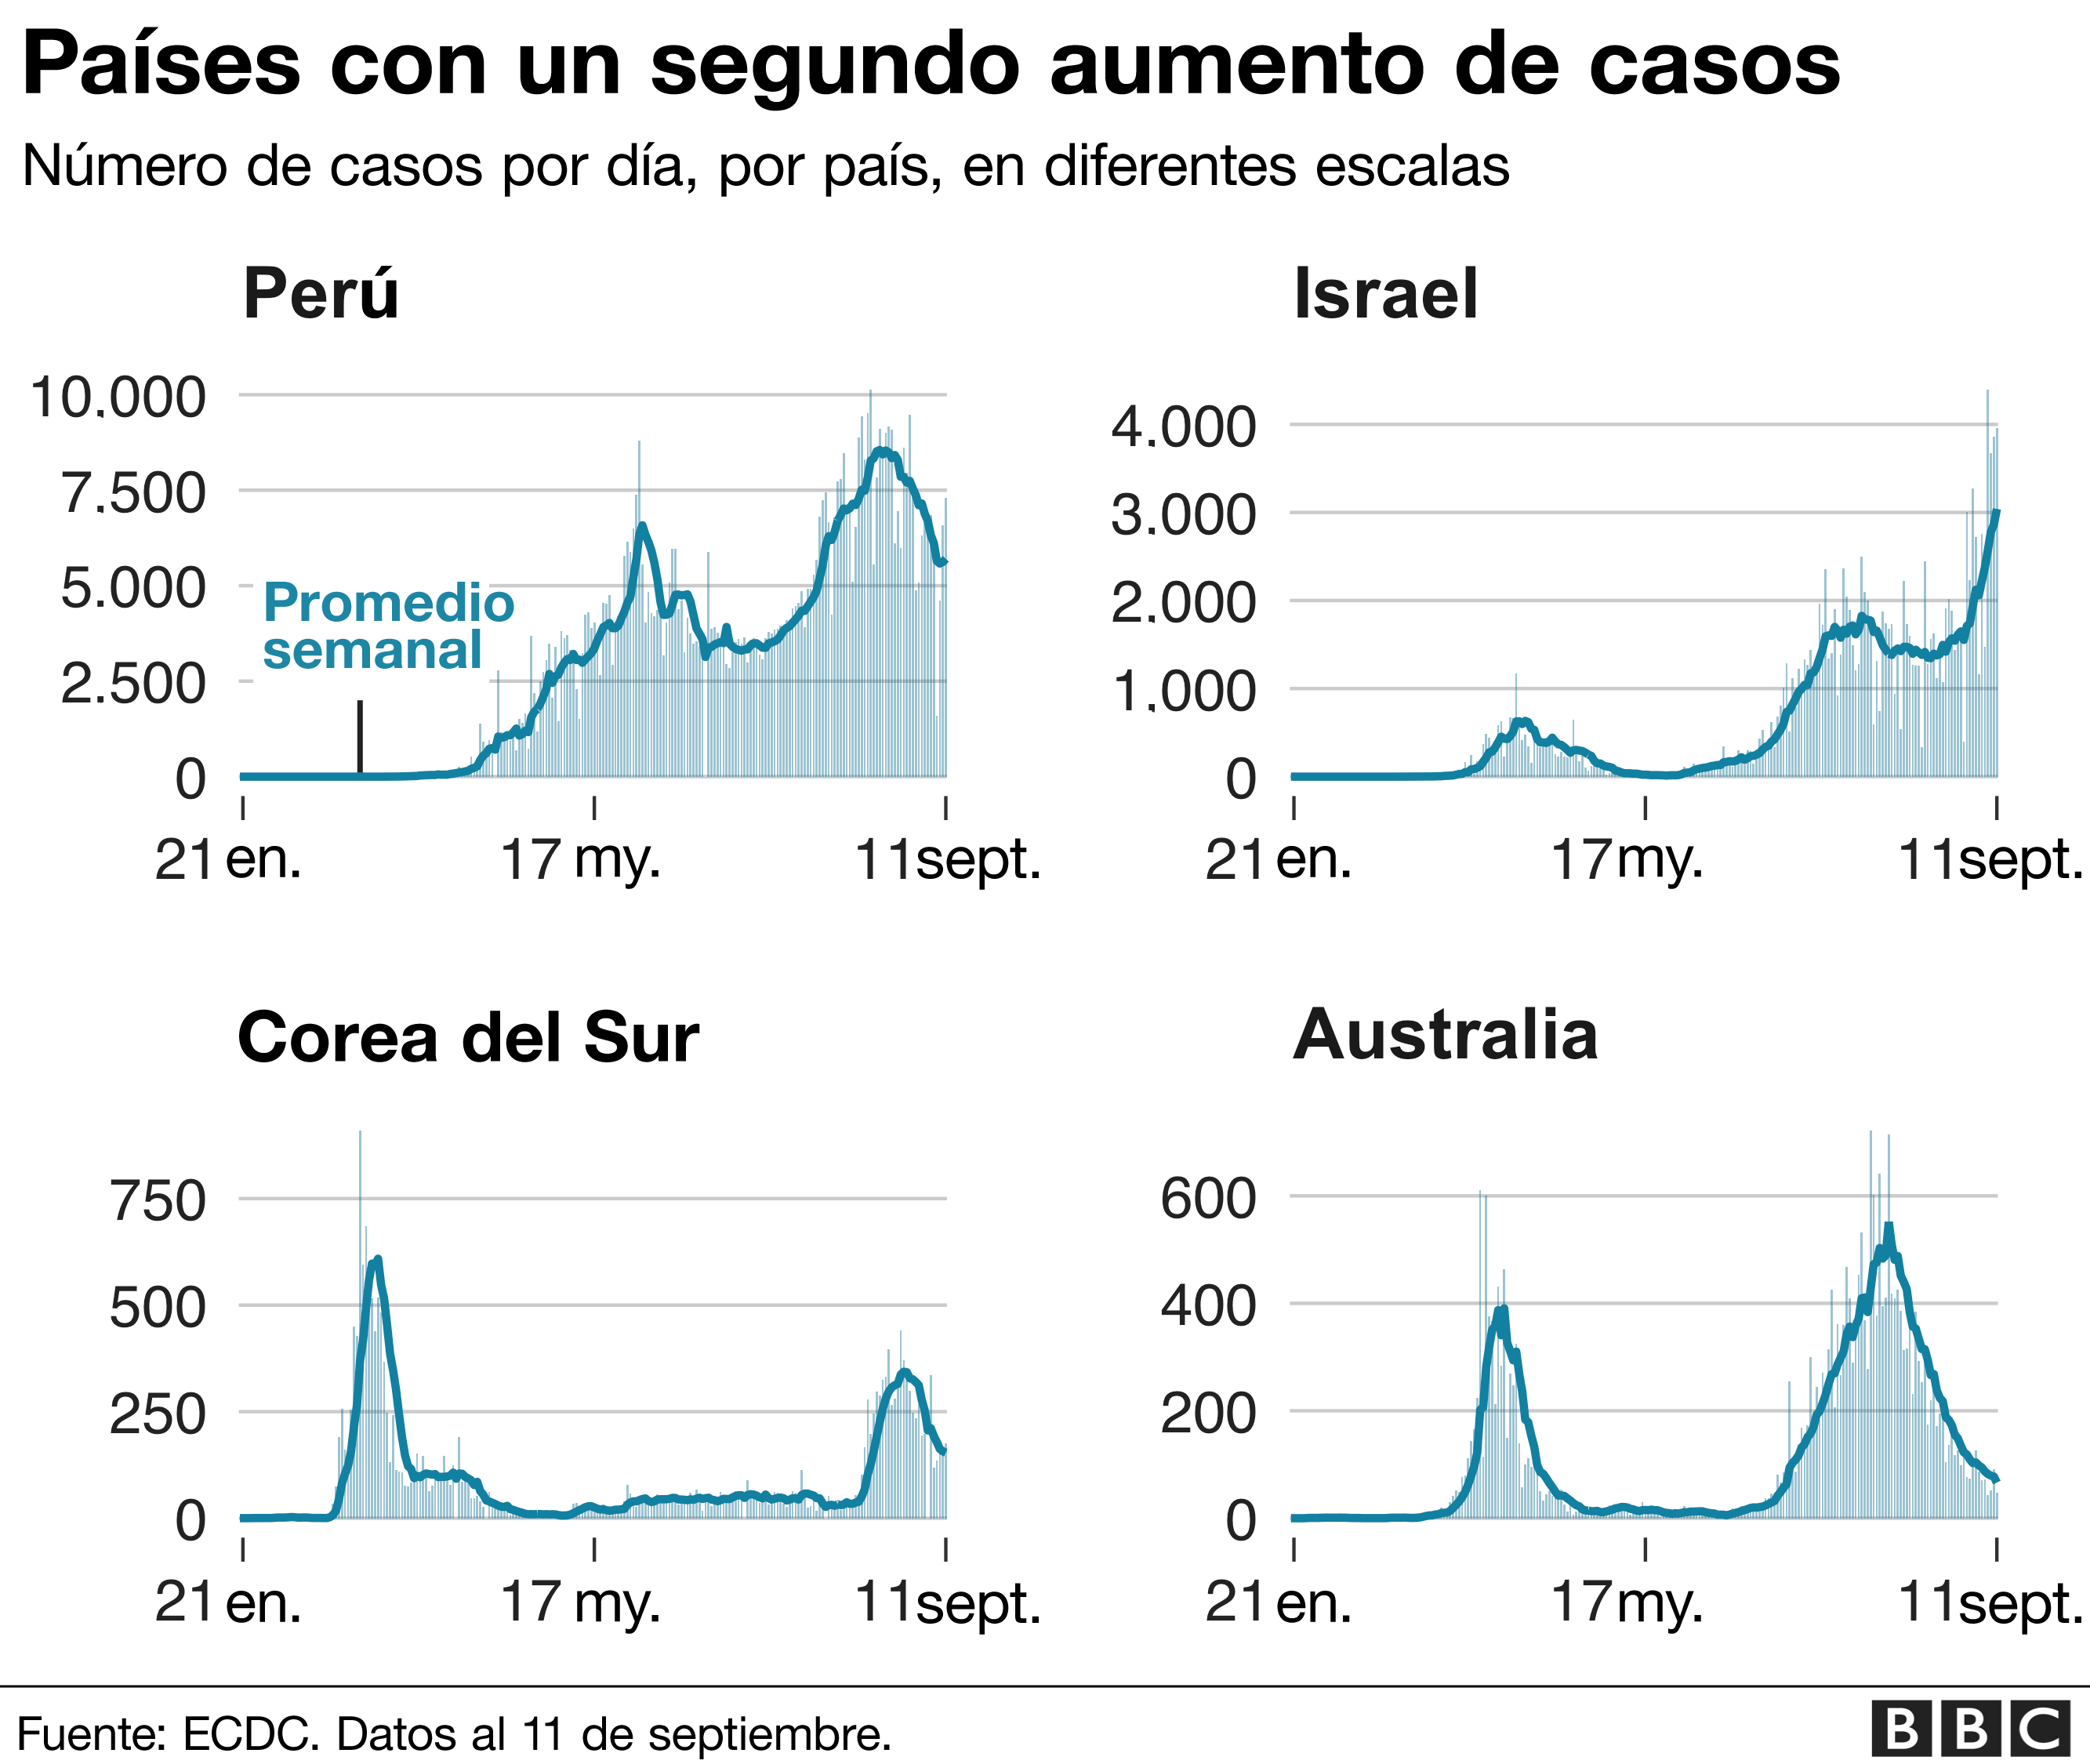 Países con un segundo aumento de casos.